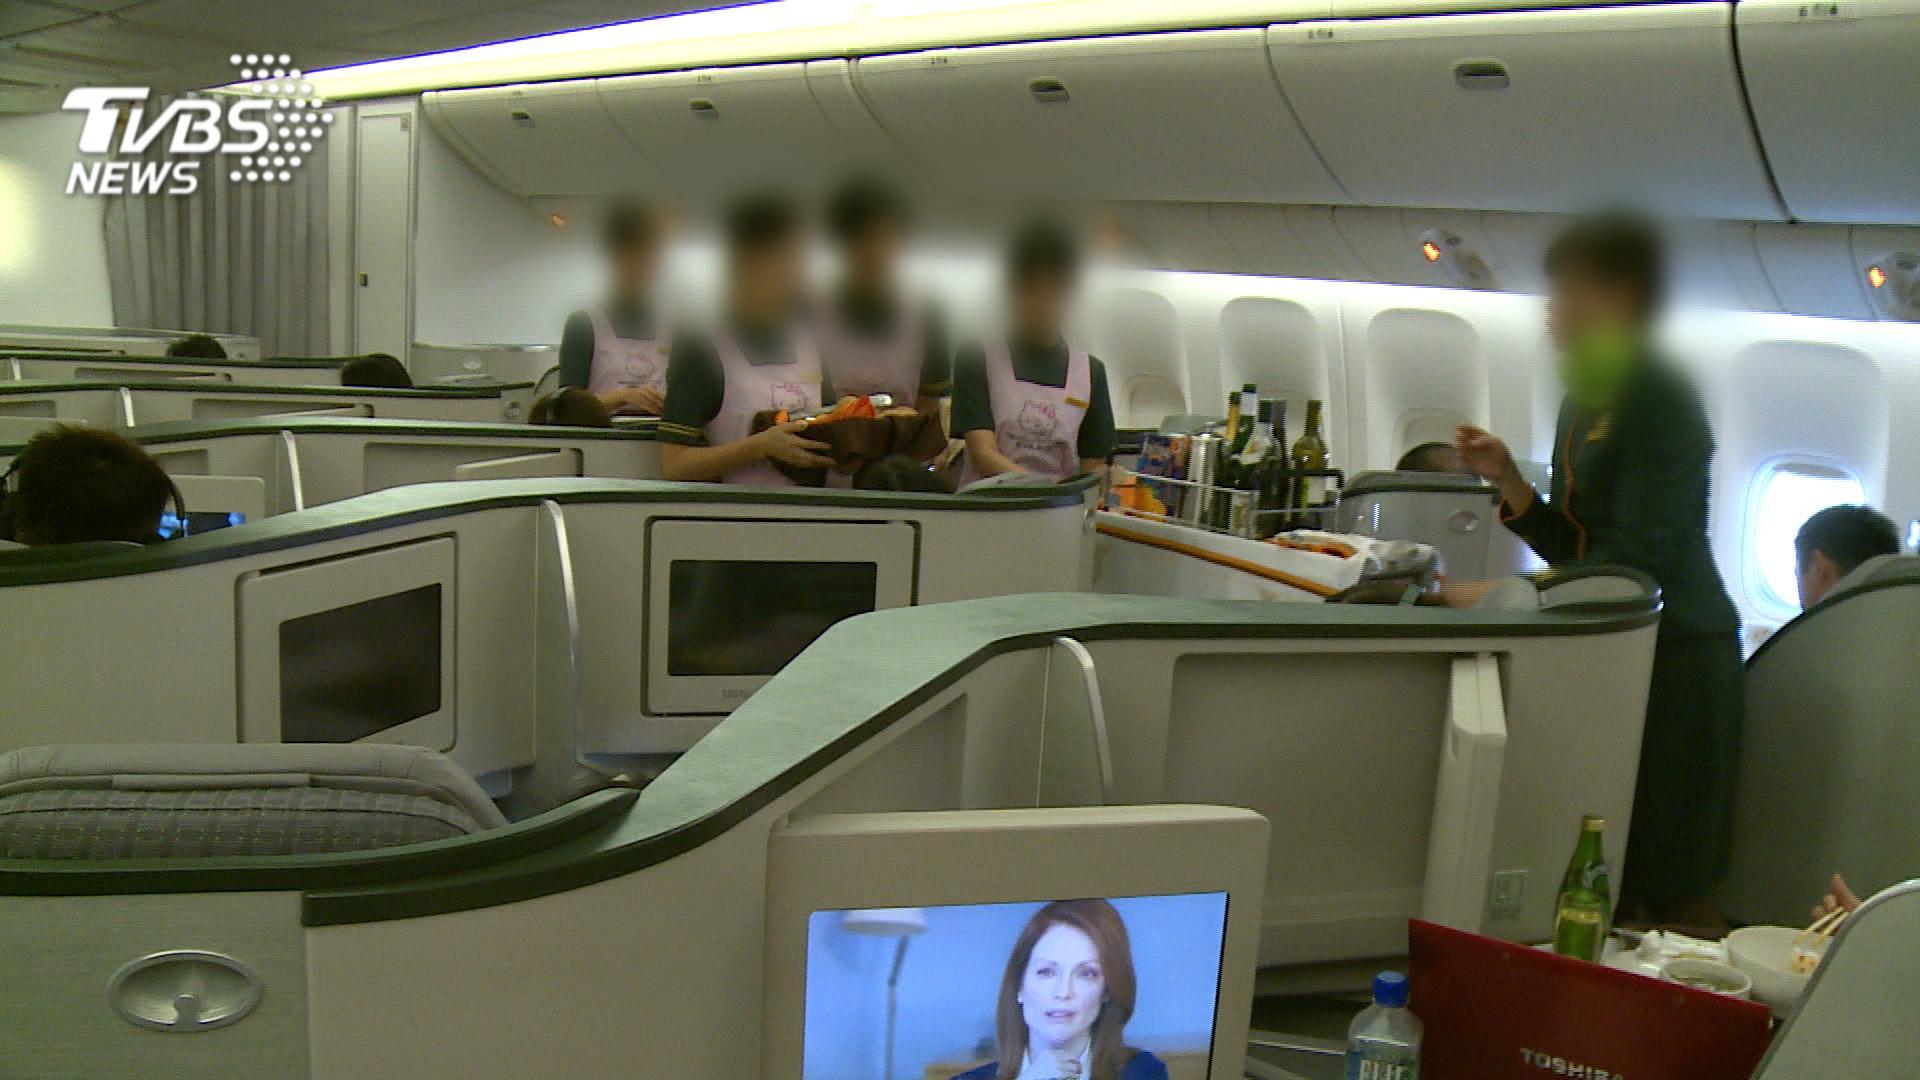 空姐醉鬧機艙遭開除 辯「夢遊」求復職敗訴